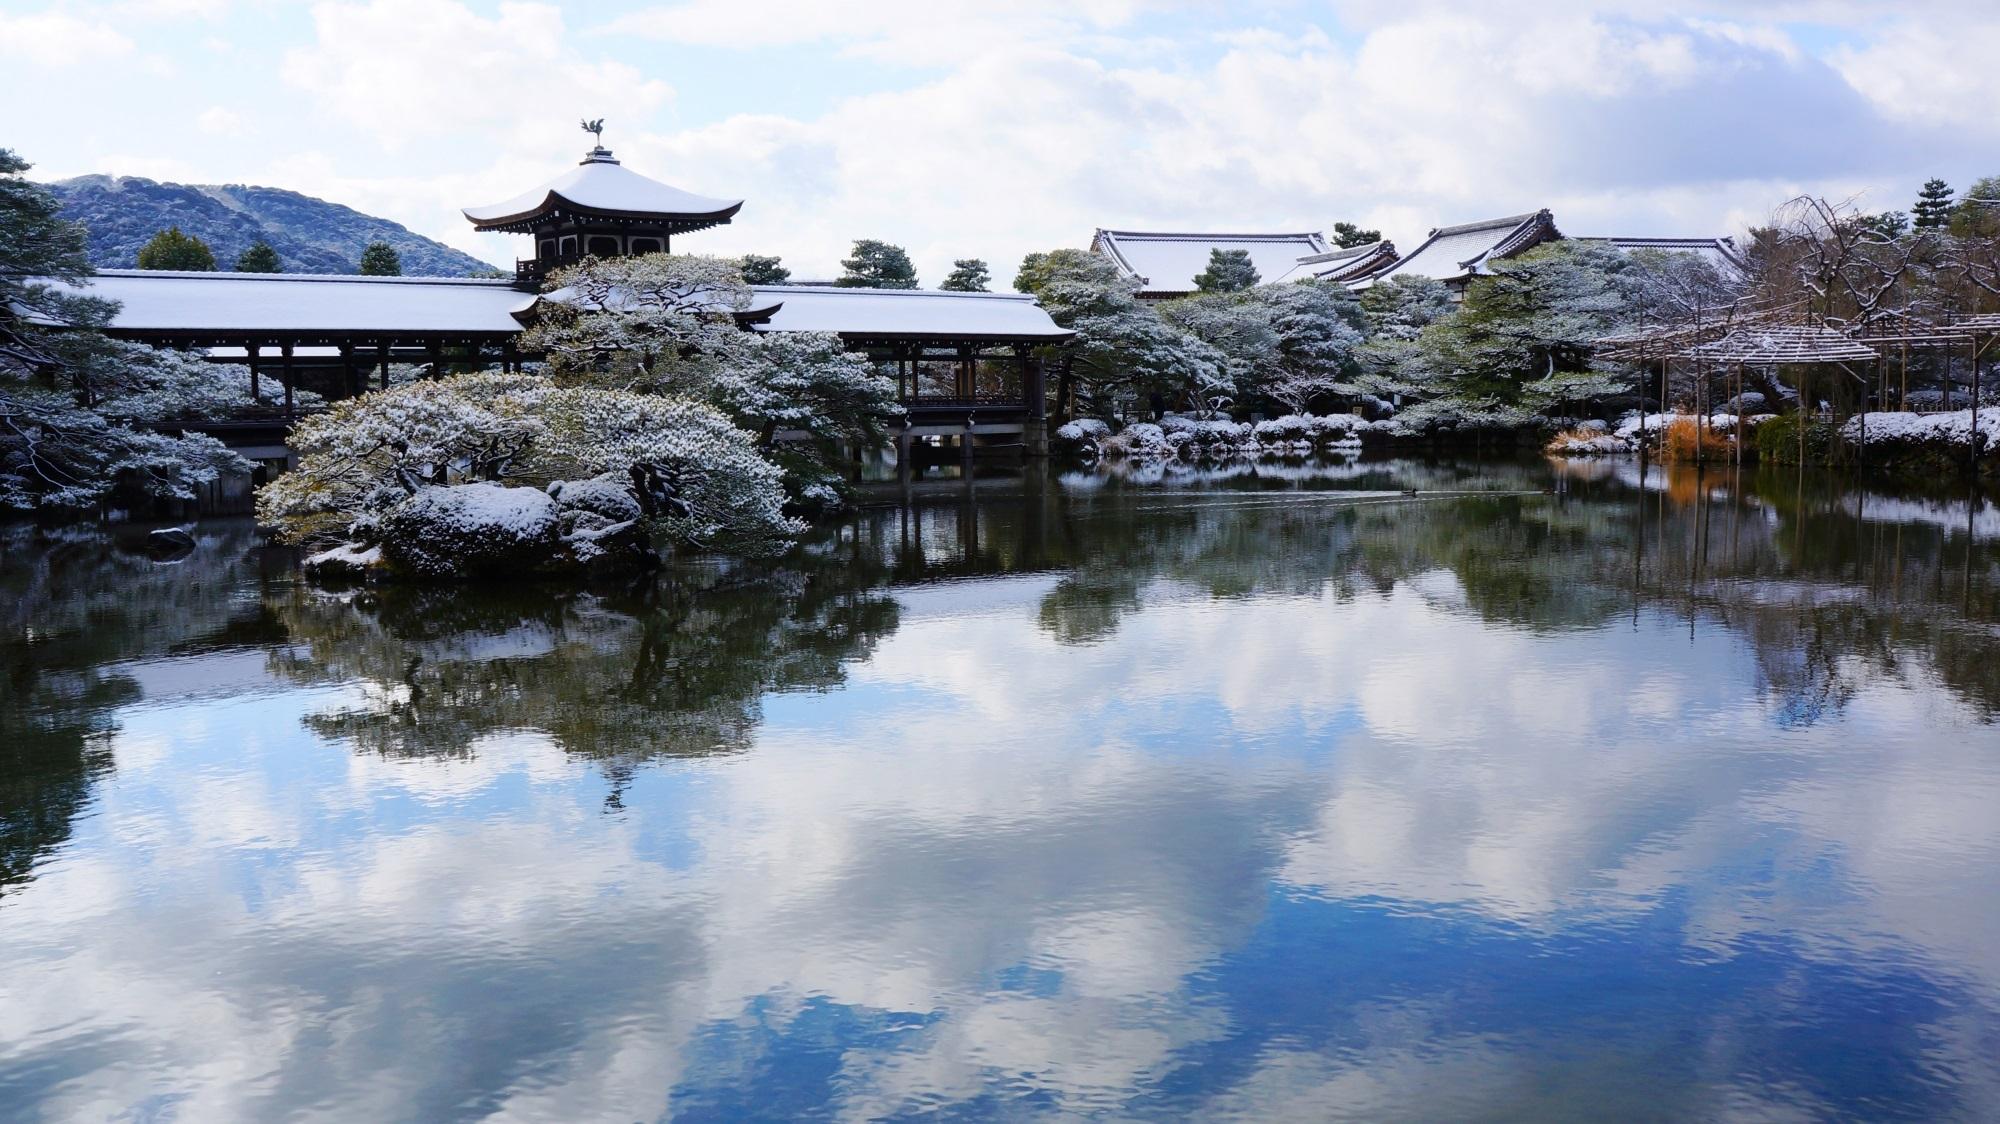 平安神宮 神苑 雪景色 美しすぎる銀世界と水鏡